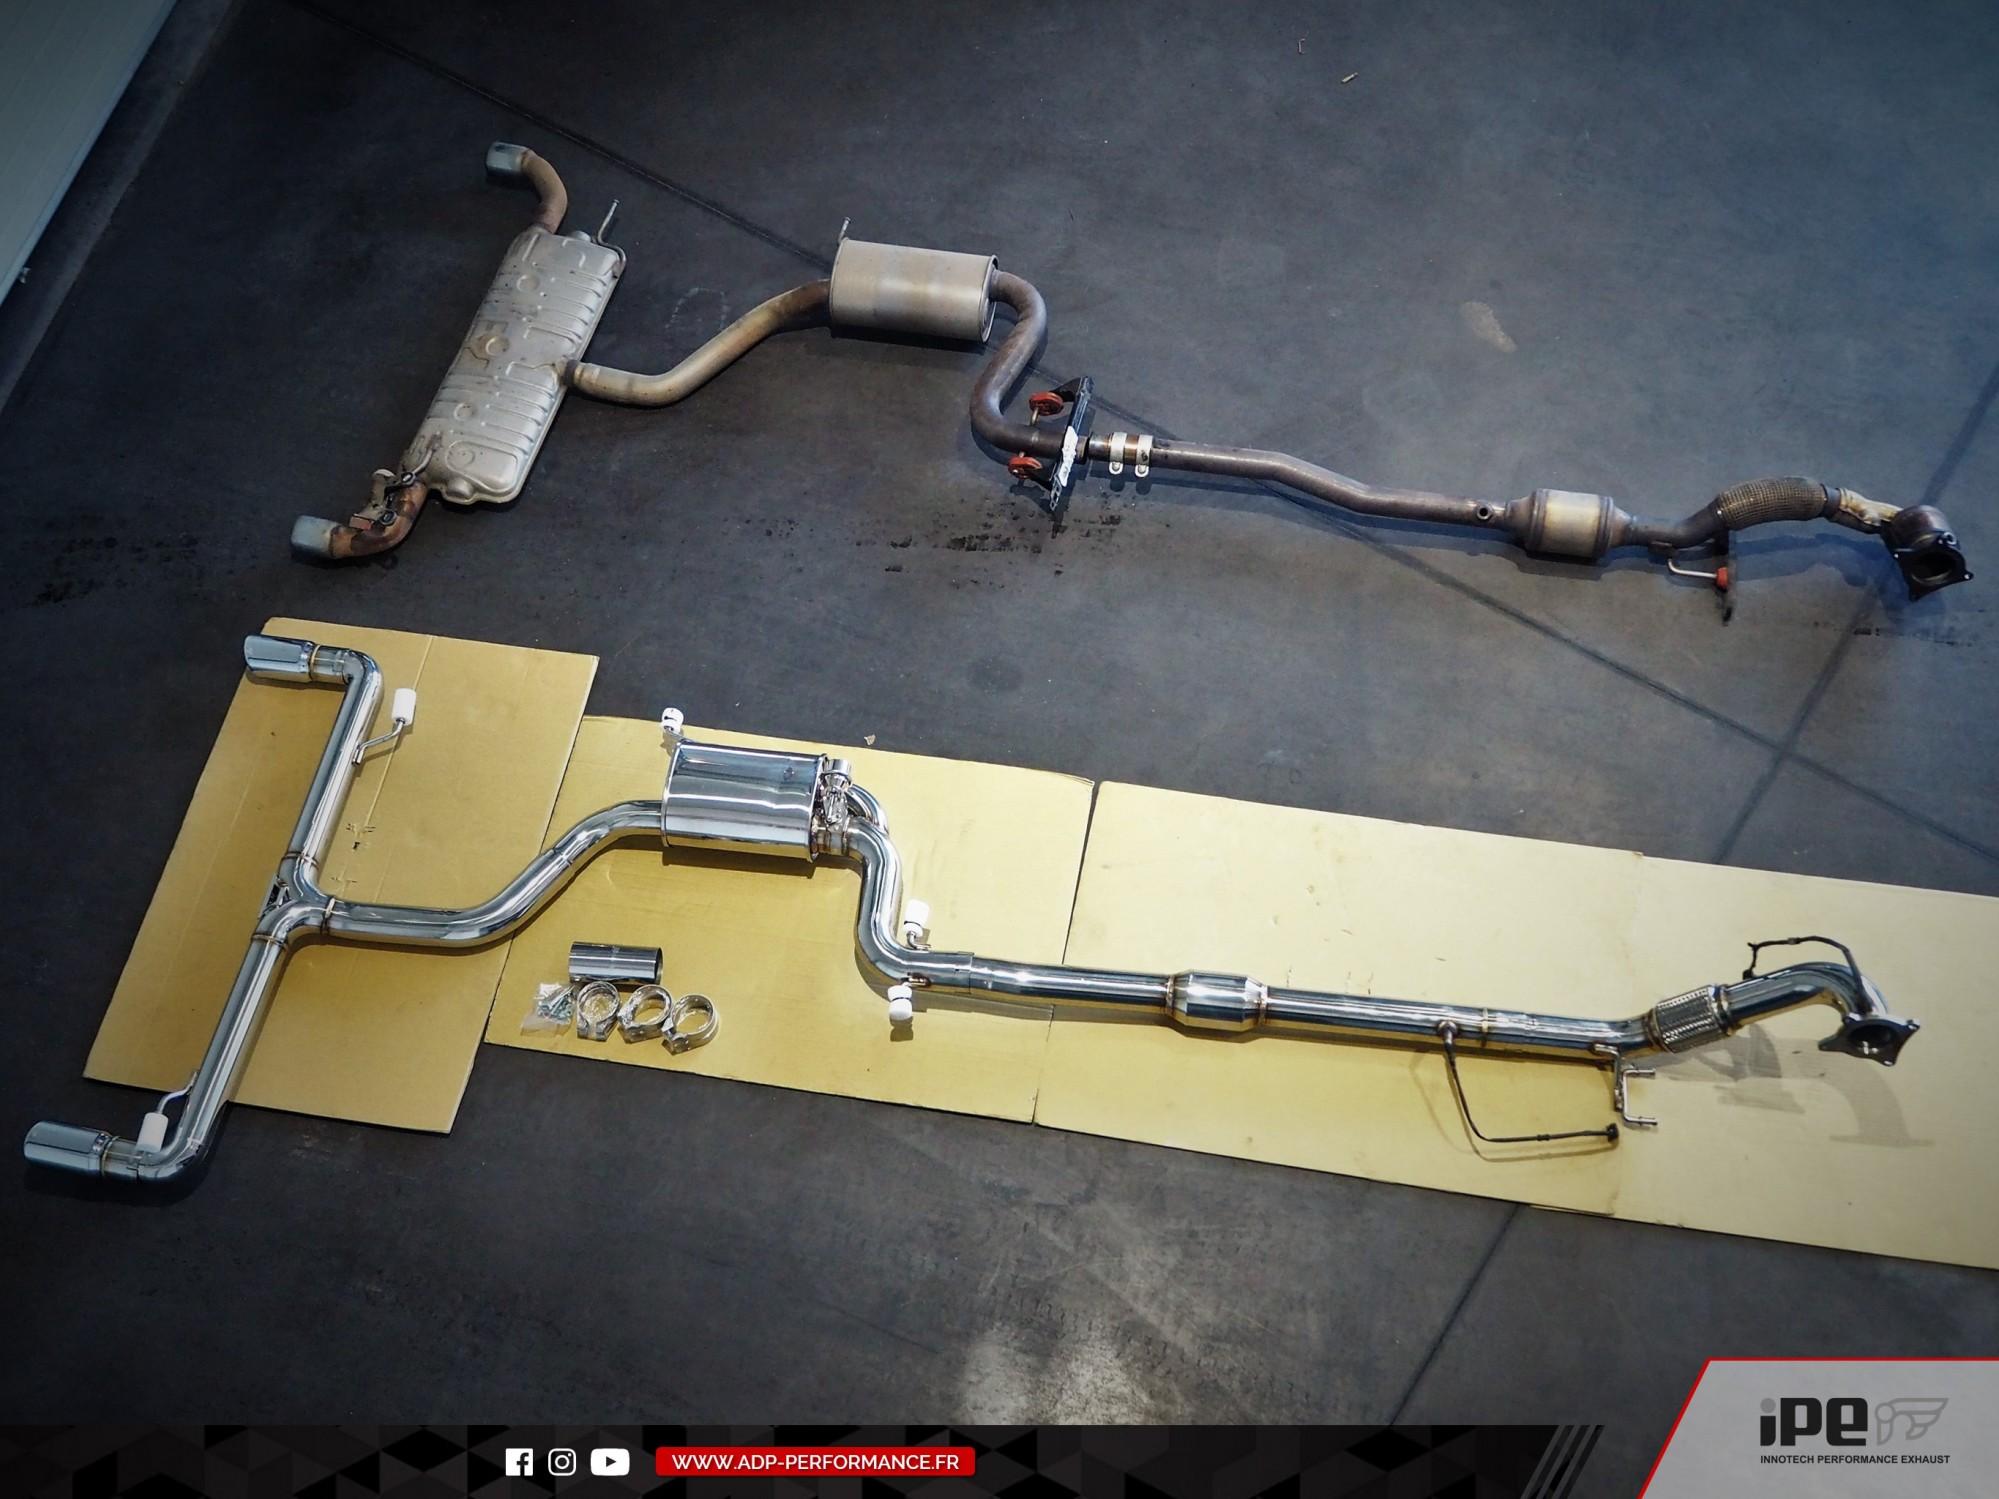 Ligne d'échappement complète iPE Innotech Marseille - VW Golf 6 GTI Edition 35 235cv - ADP Performance